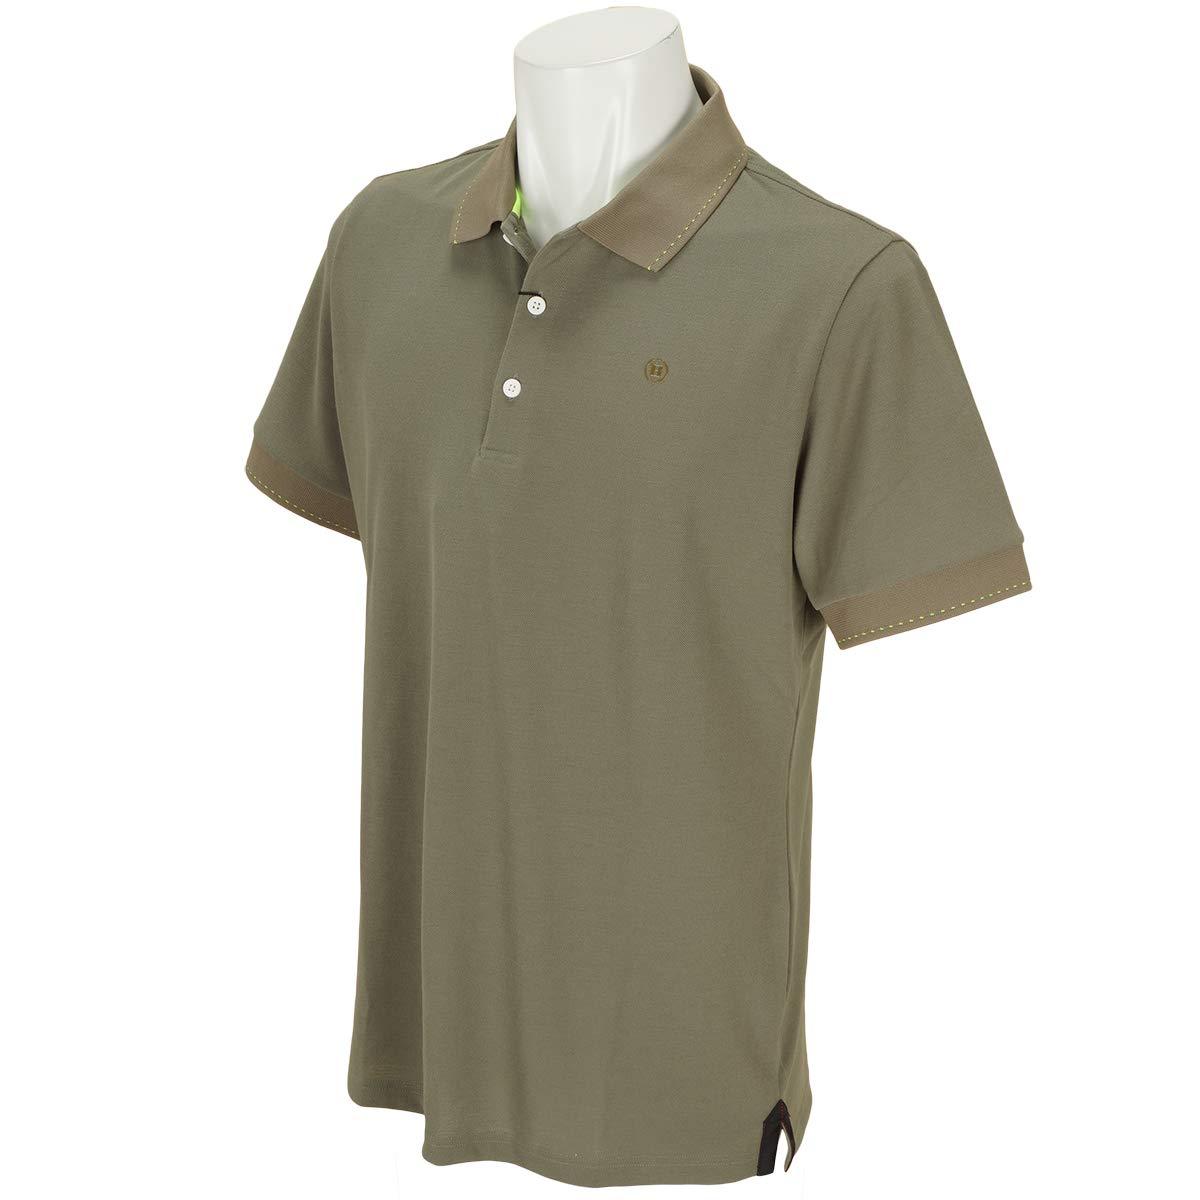 ブリーフィング BRIEFING 長袖シャツポロシャツ 半袖ポロシャツ B07KFHMZL9 XL|オリーブ オリーブ XL